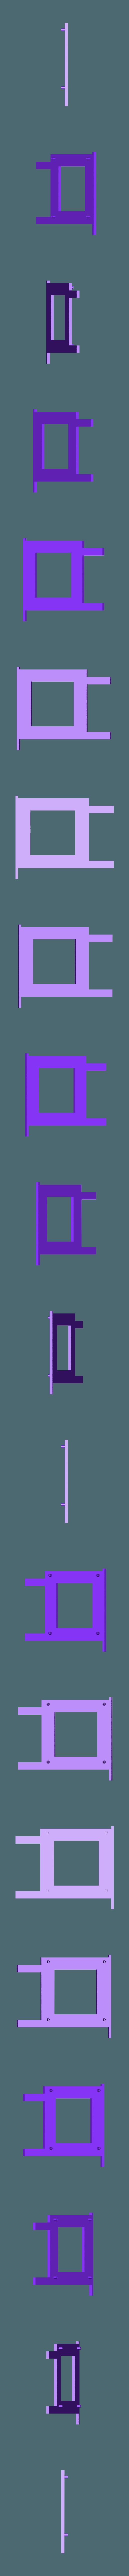 MacWintel_Pro_motherboard_mount.stl Télécharger fichier STL gratuit MacWintel Pro v2.1 • Objet pour impression 3D, The_Craft_Dude